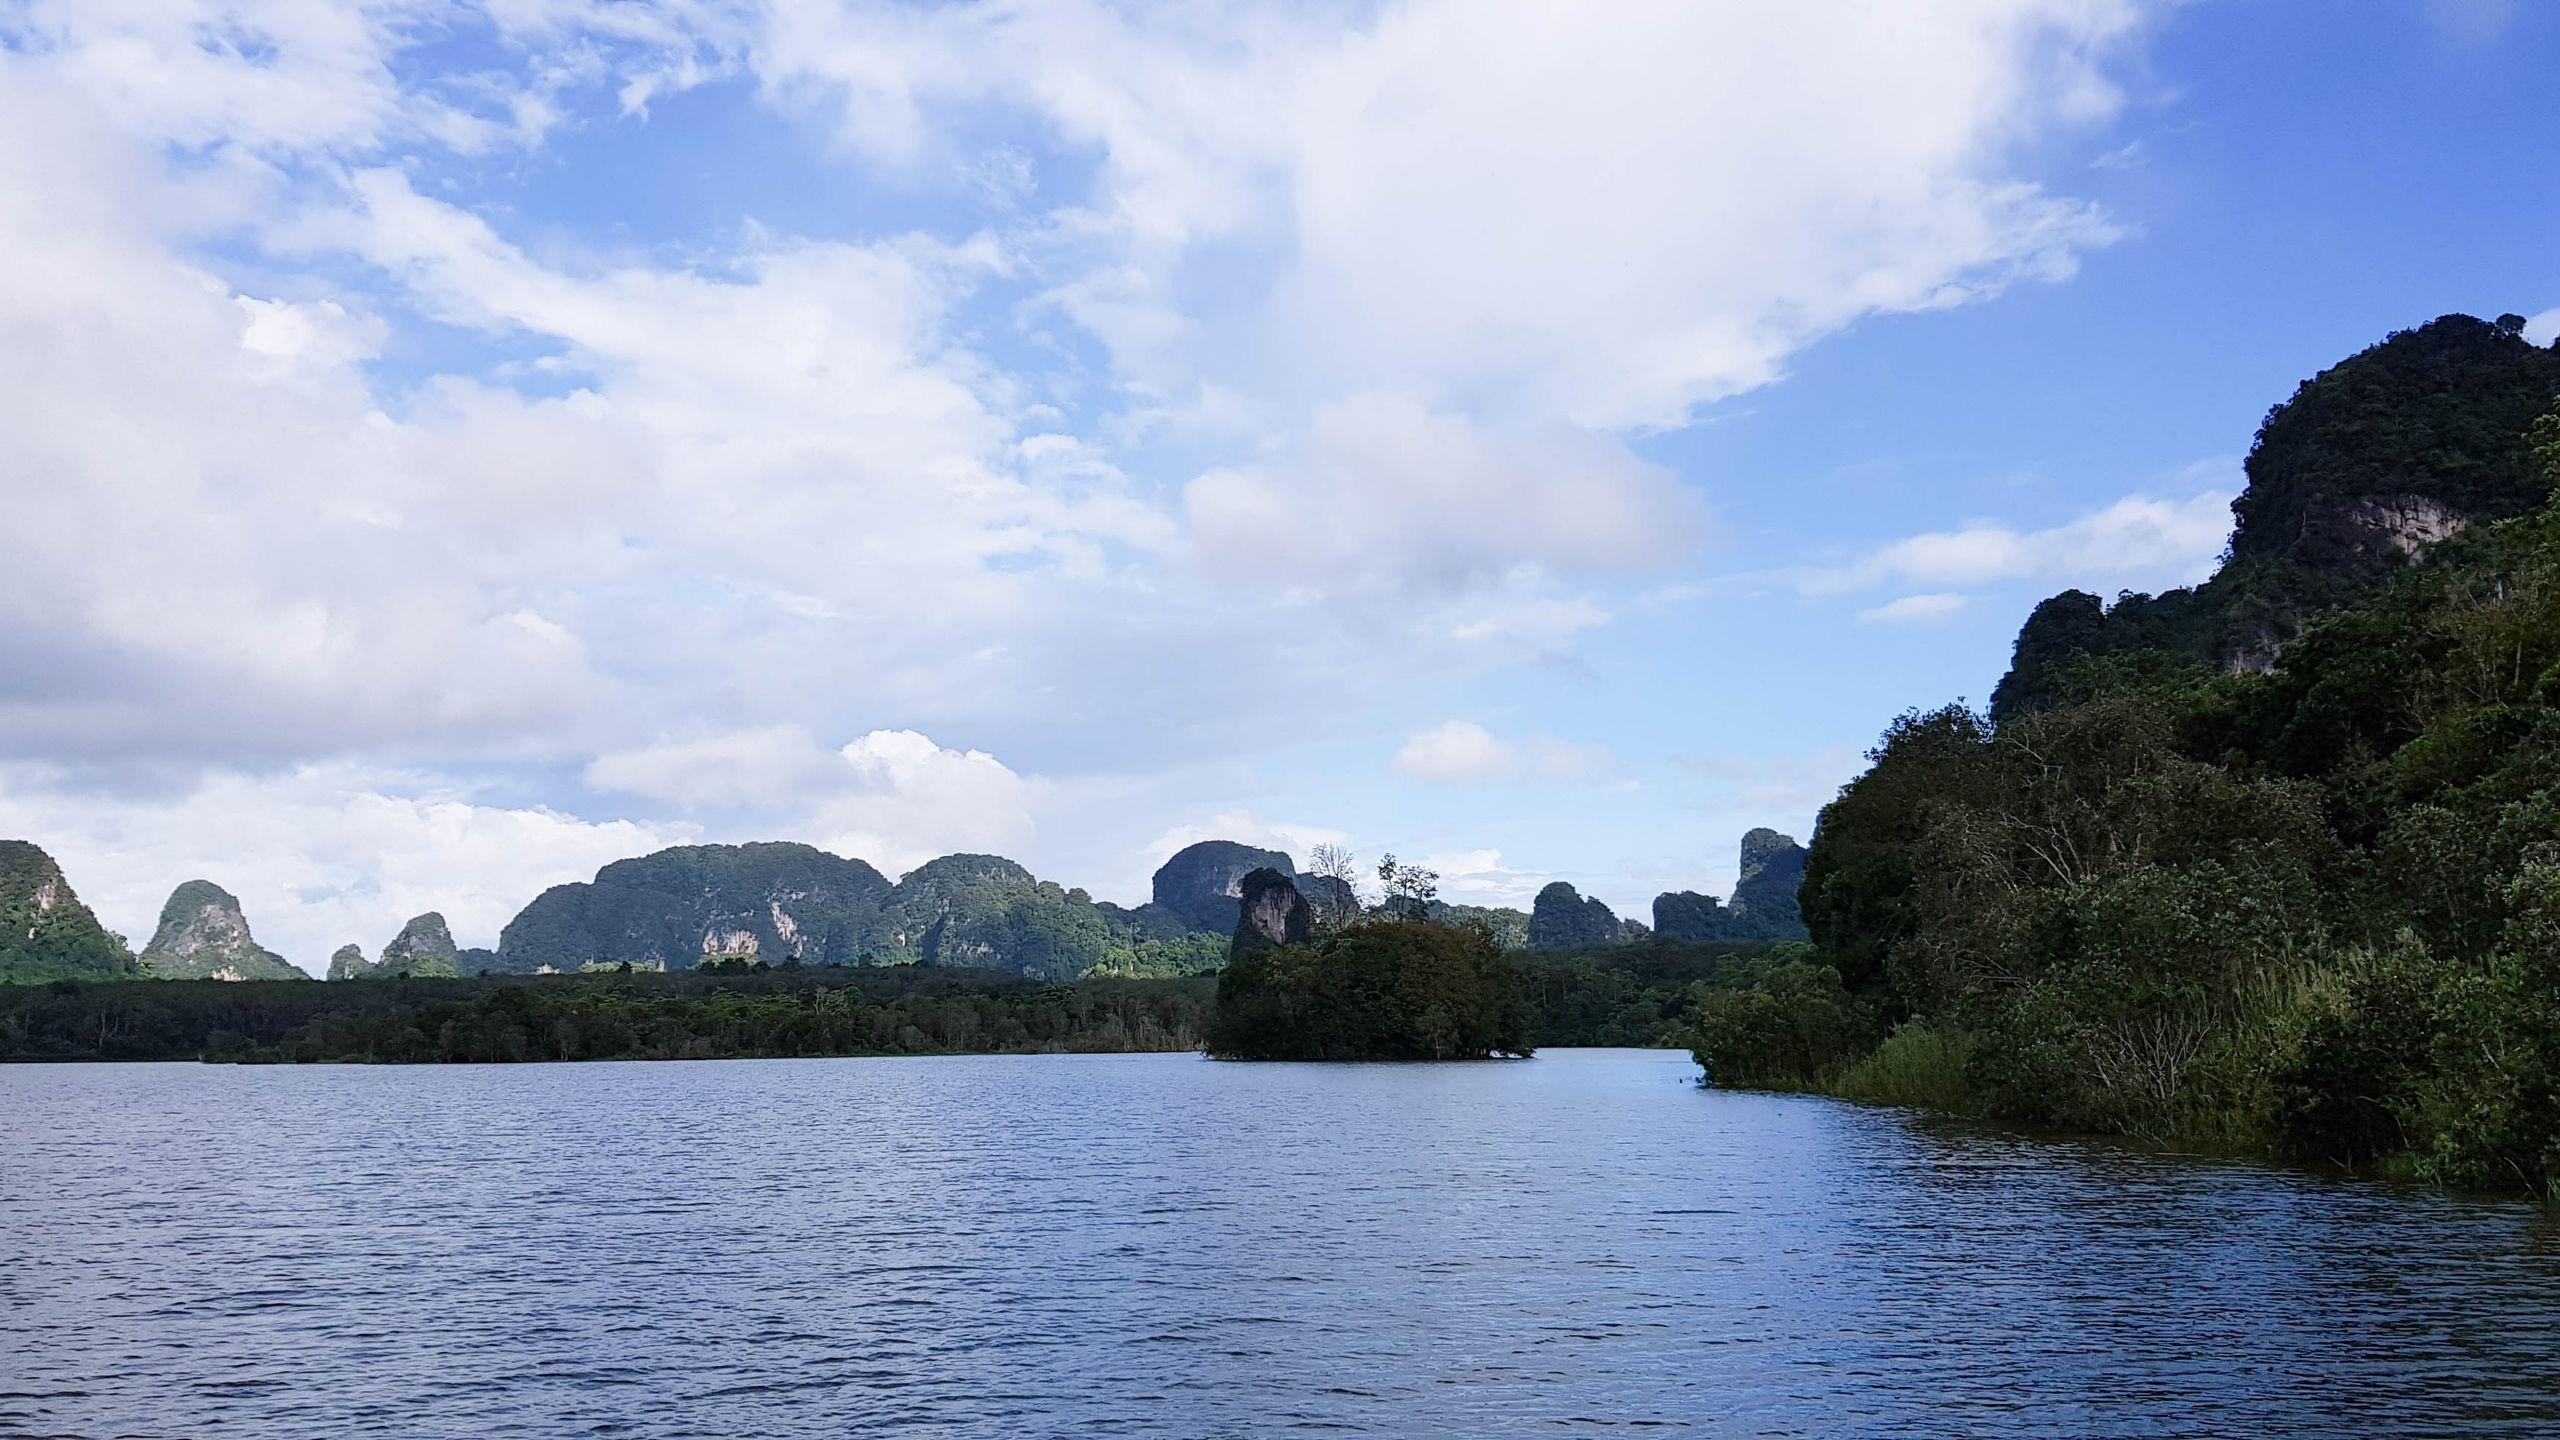 Nong Thale Community